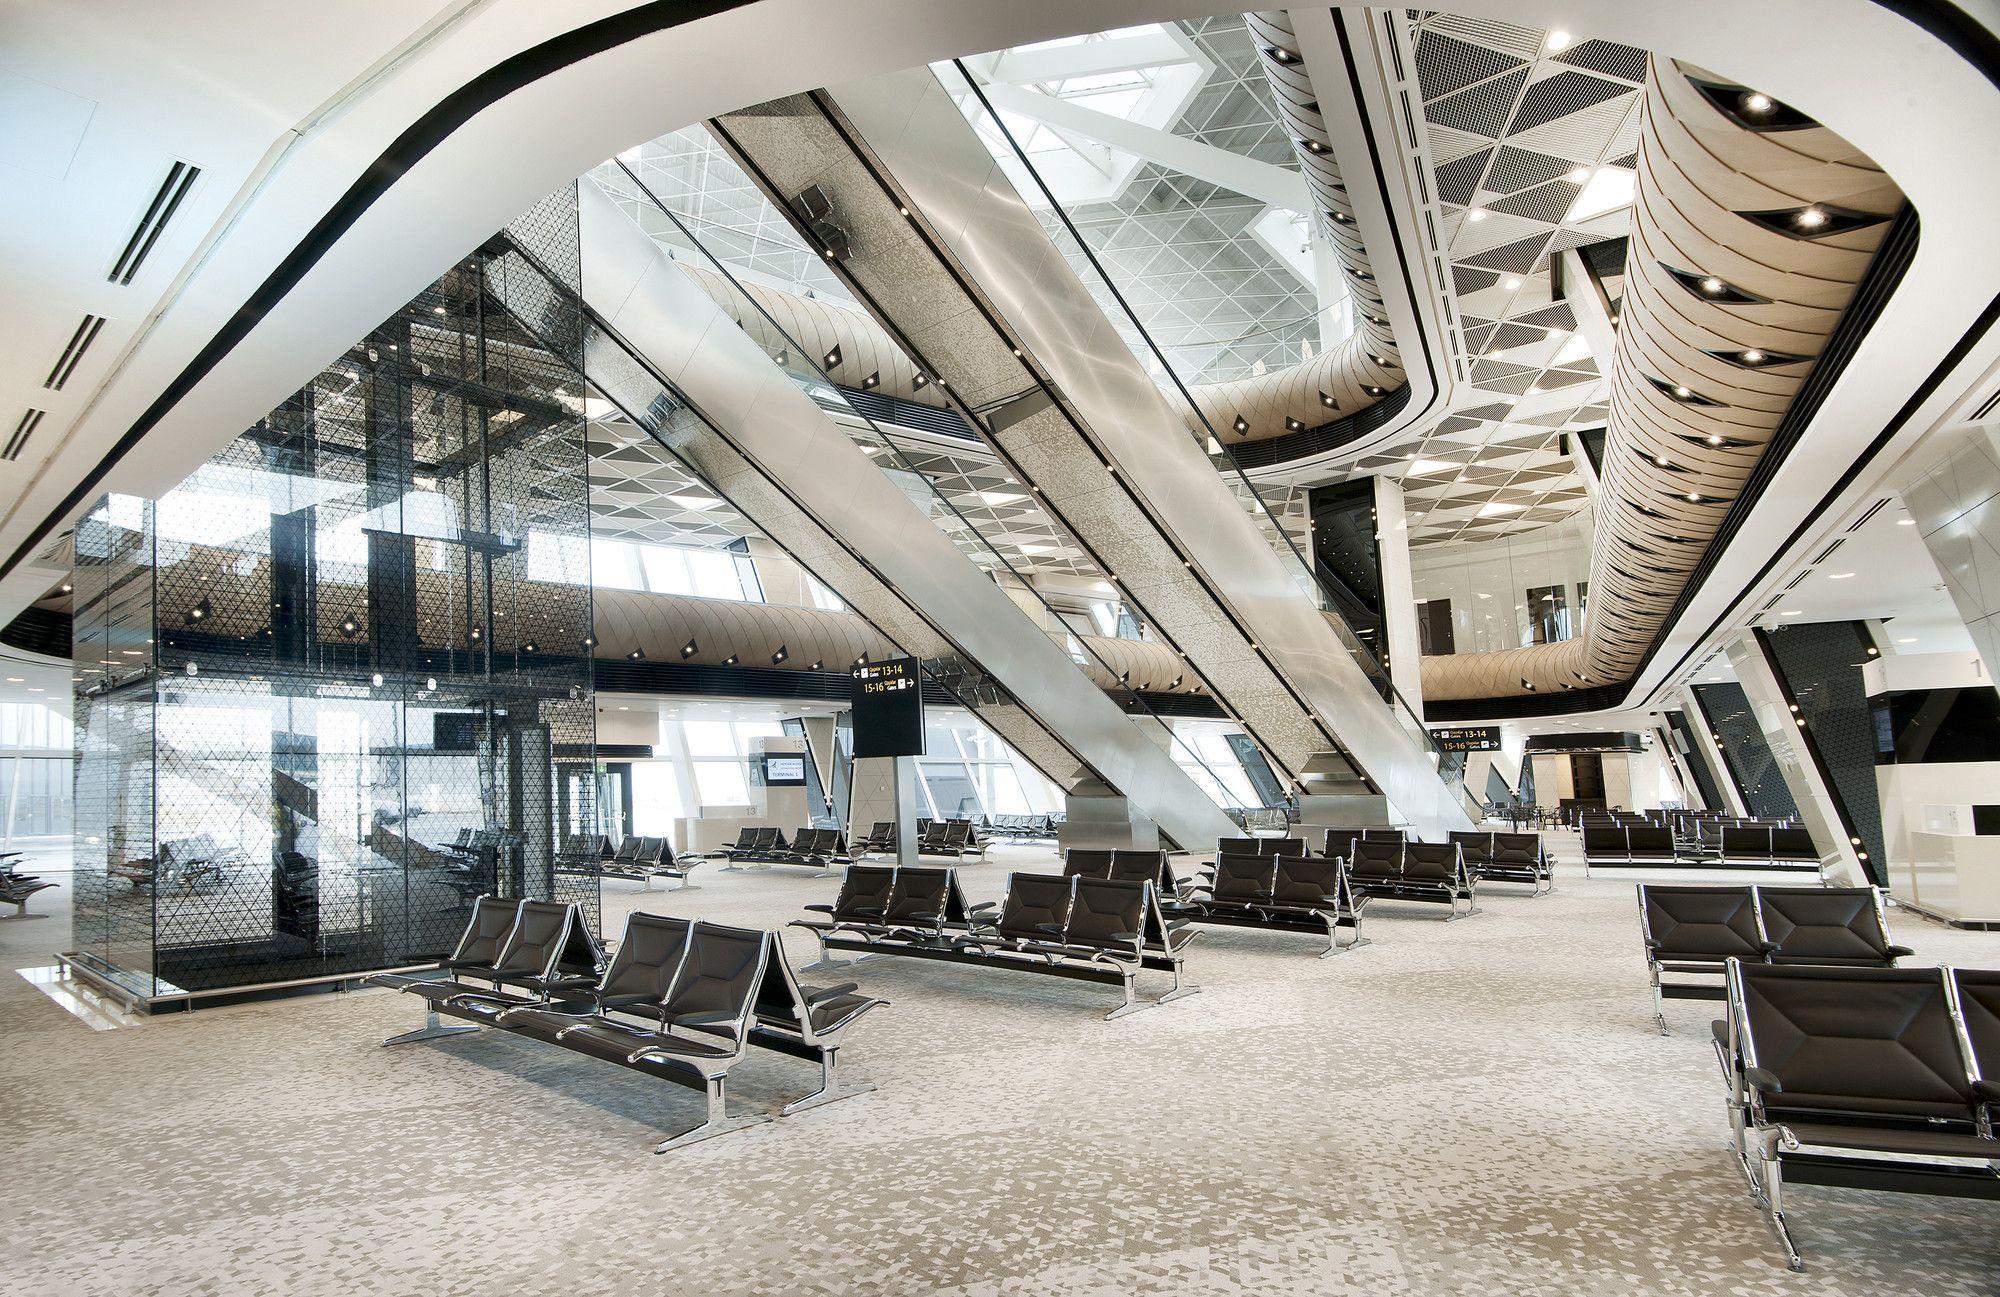 Gallery Of Heydar Aliyev International Airport Baku Autoban 15 Airport Design Architecture International Airport